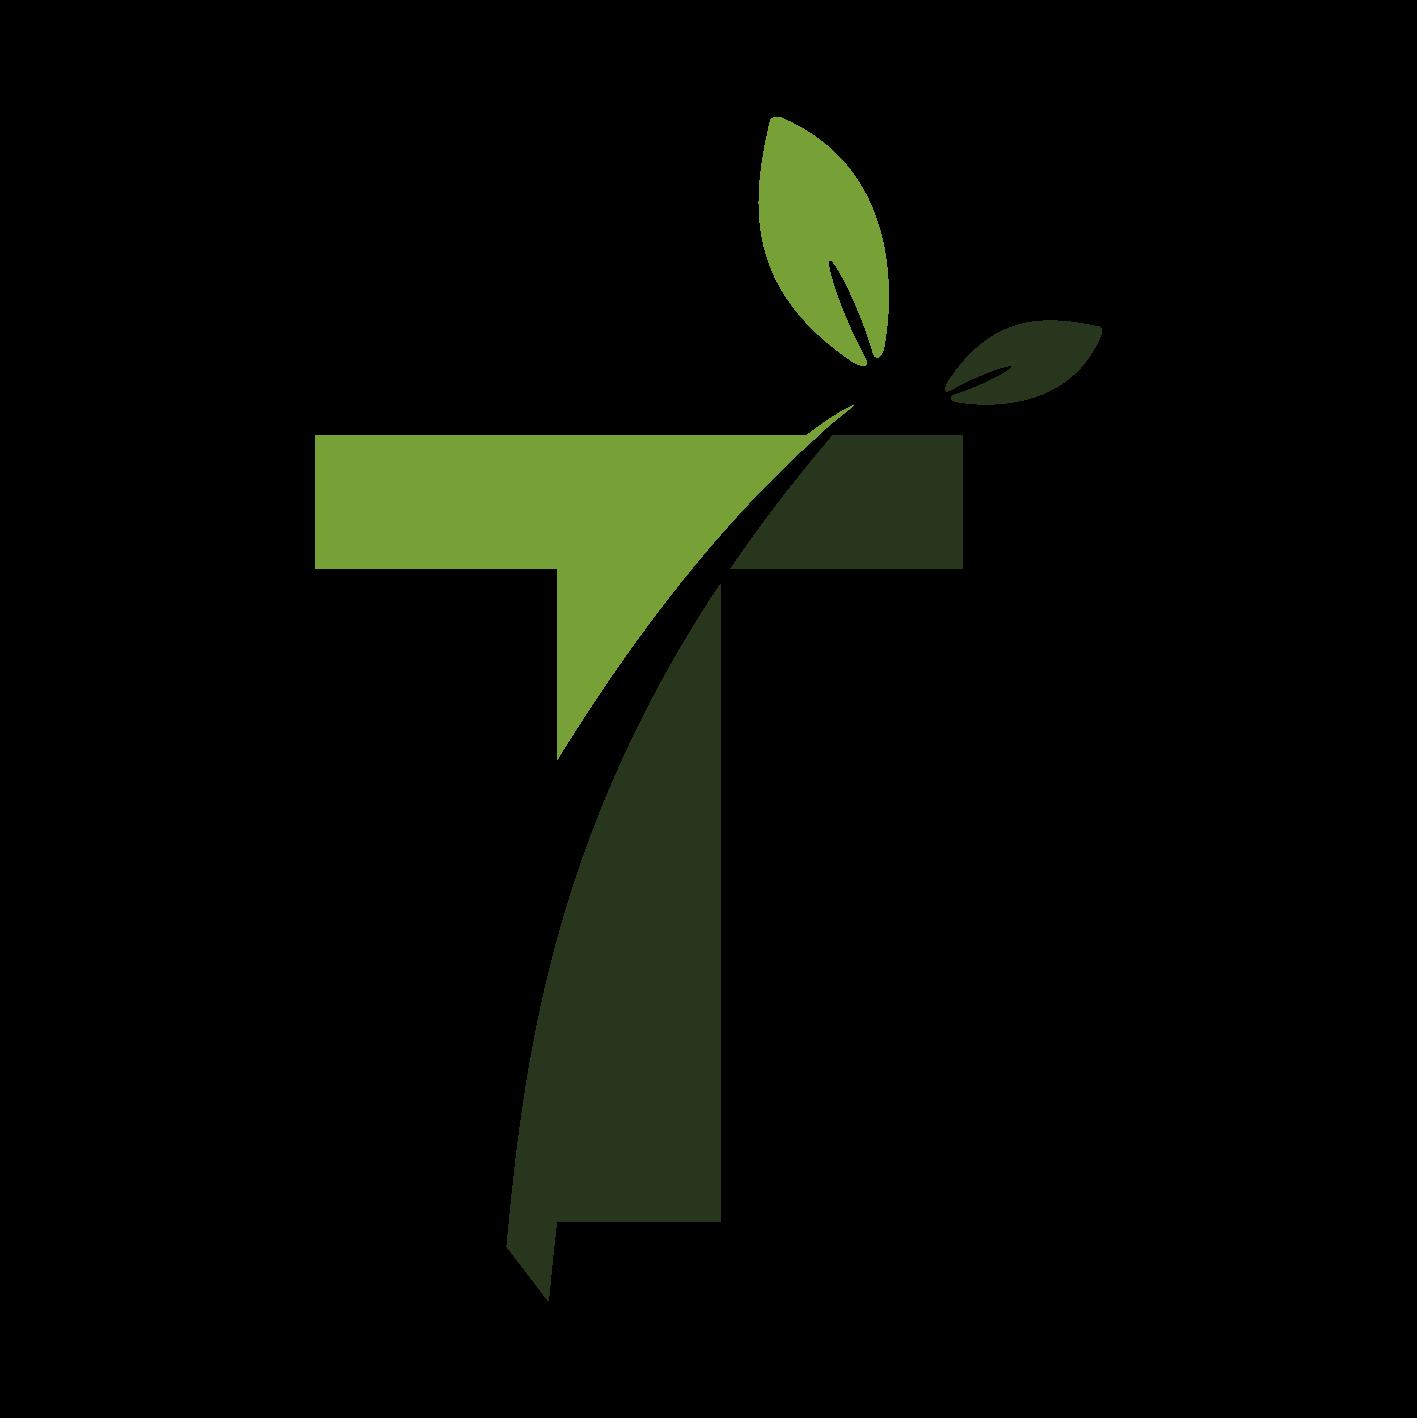 TerraSense, Inc